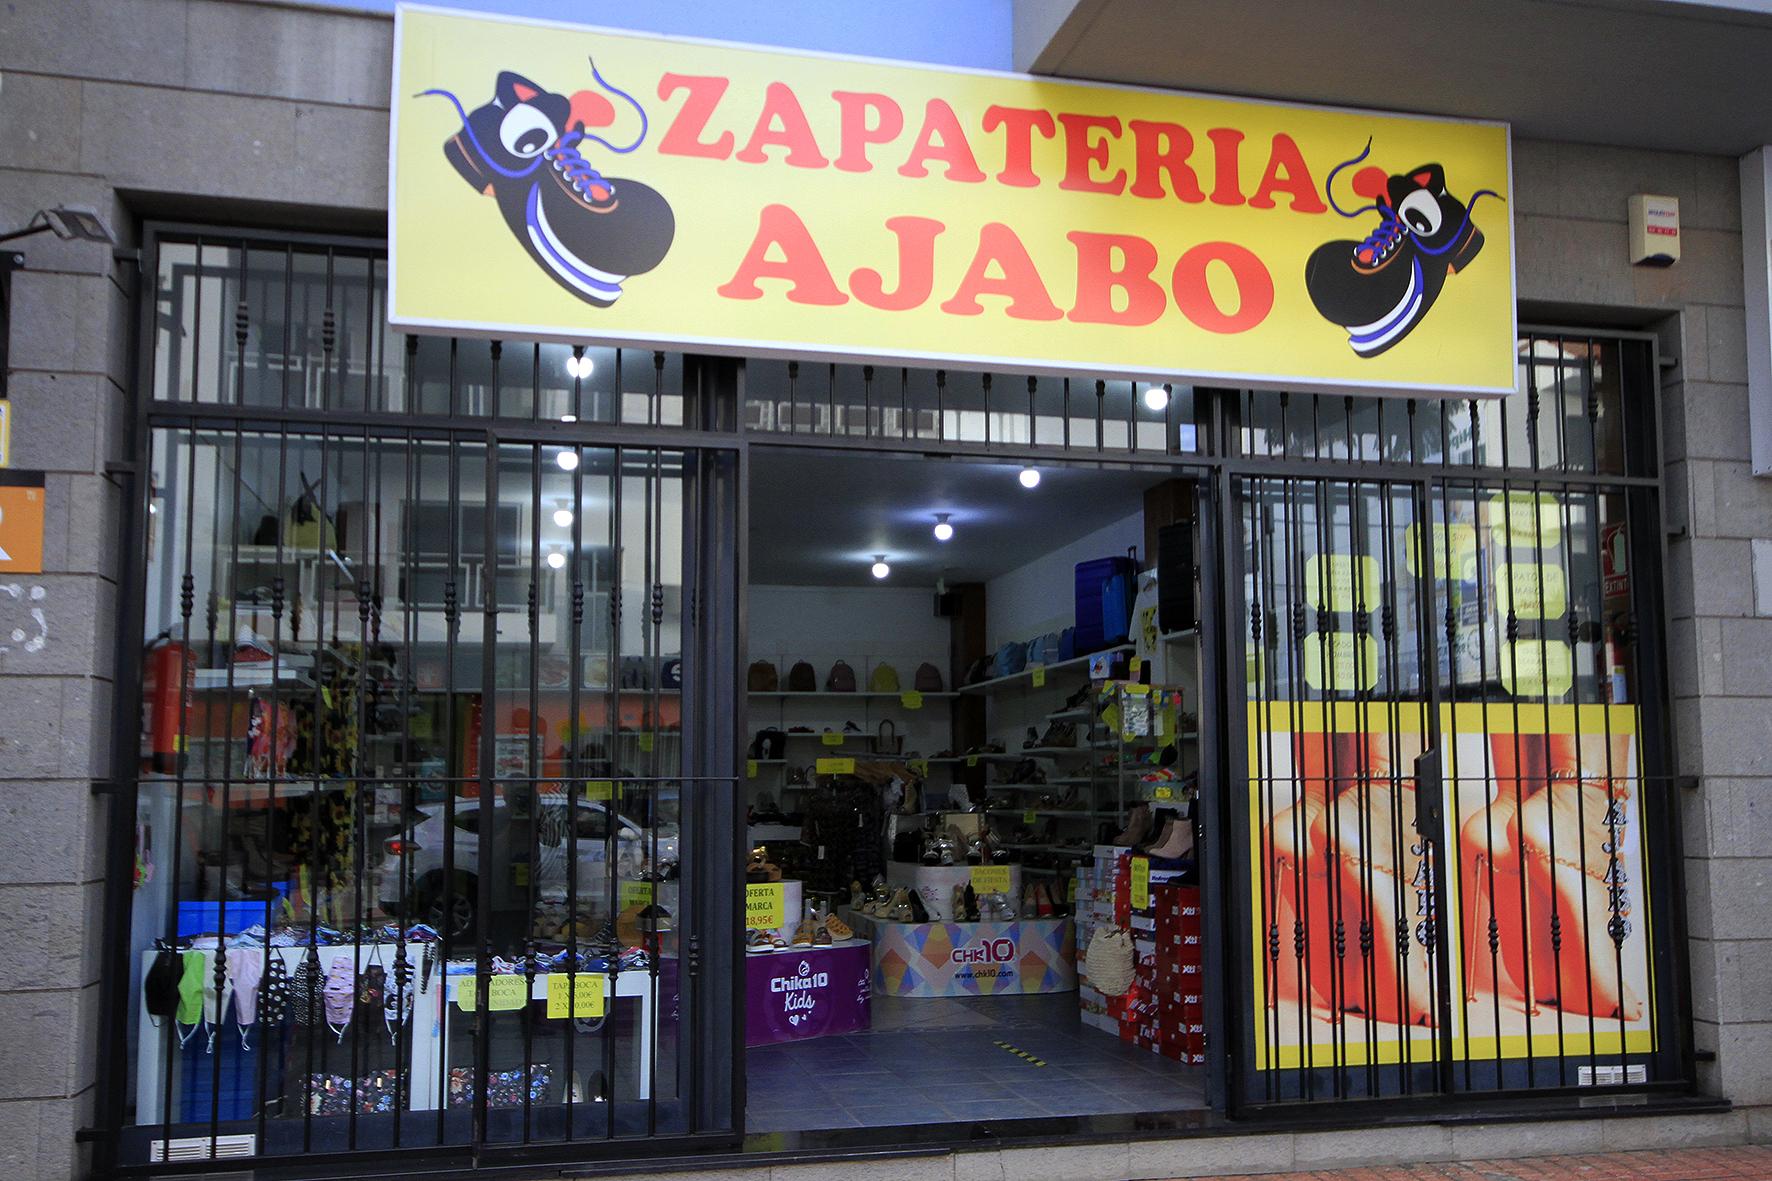 ZAPATERIA AJABO_MG_7548